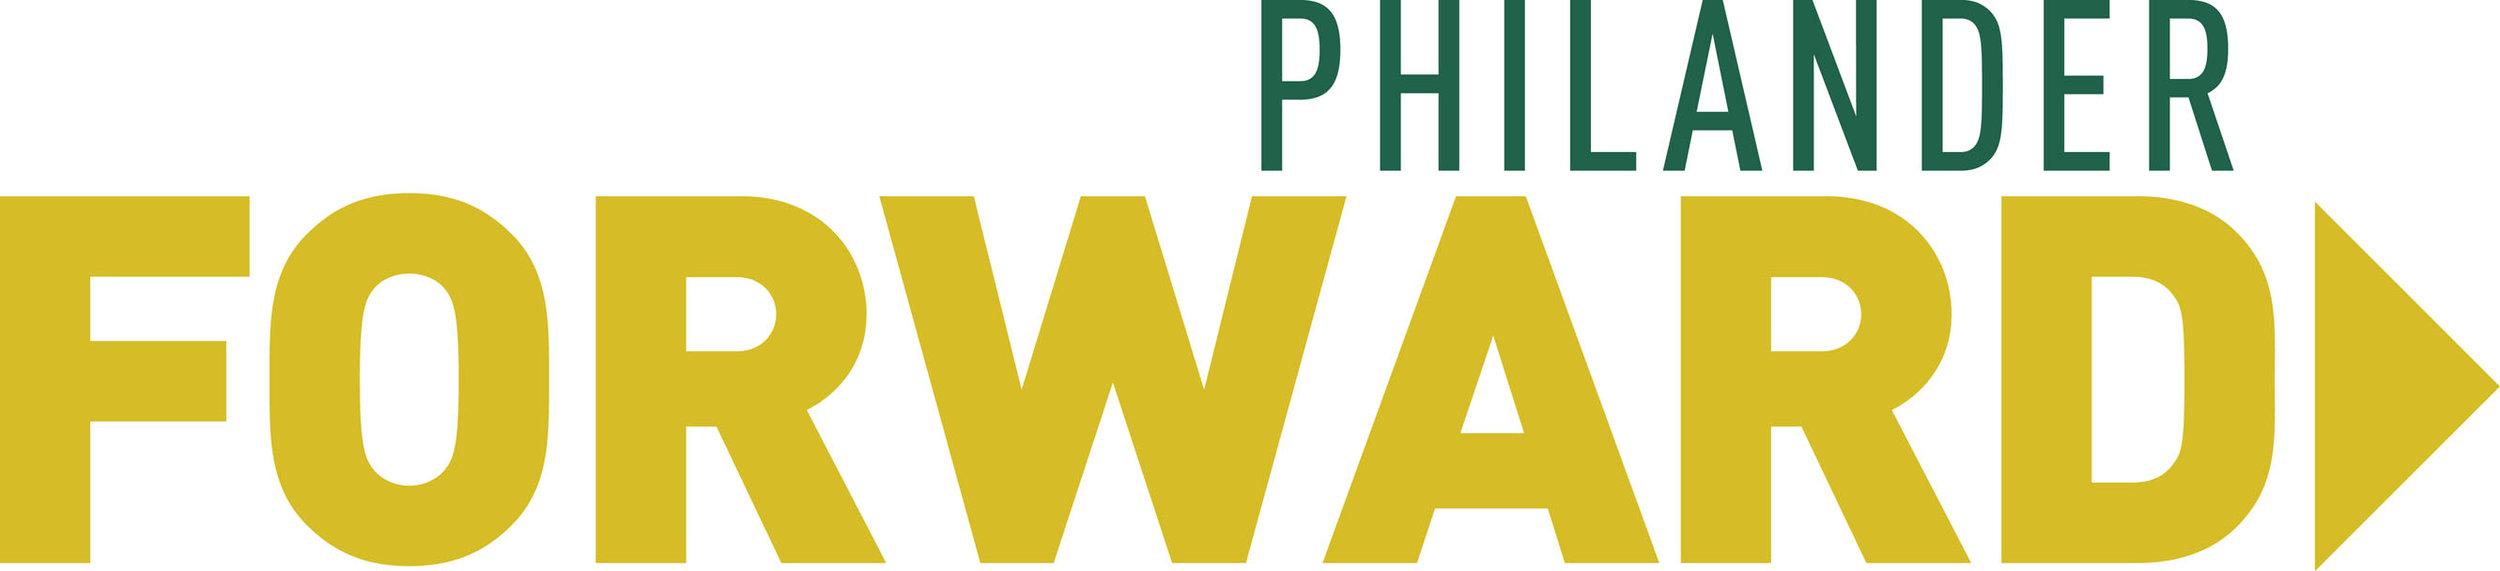 Philander Forward Logo green,gold.jpg